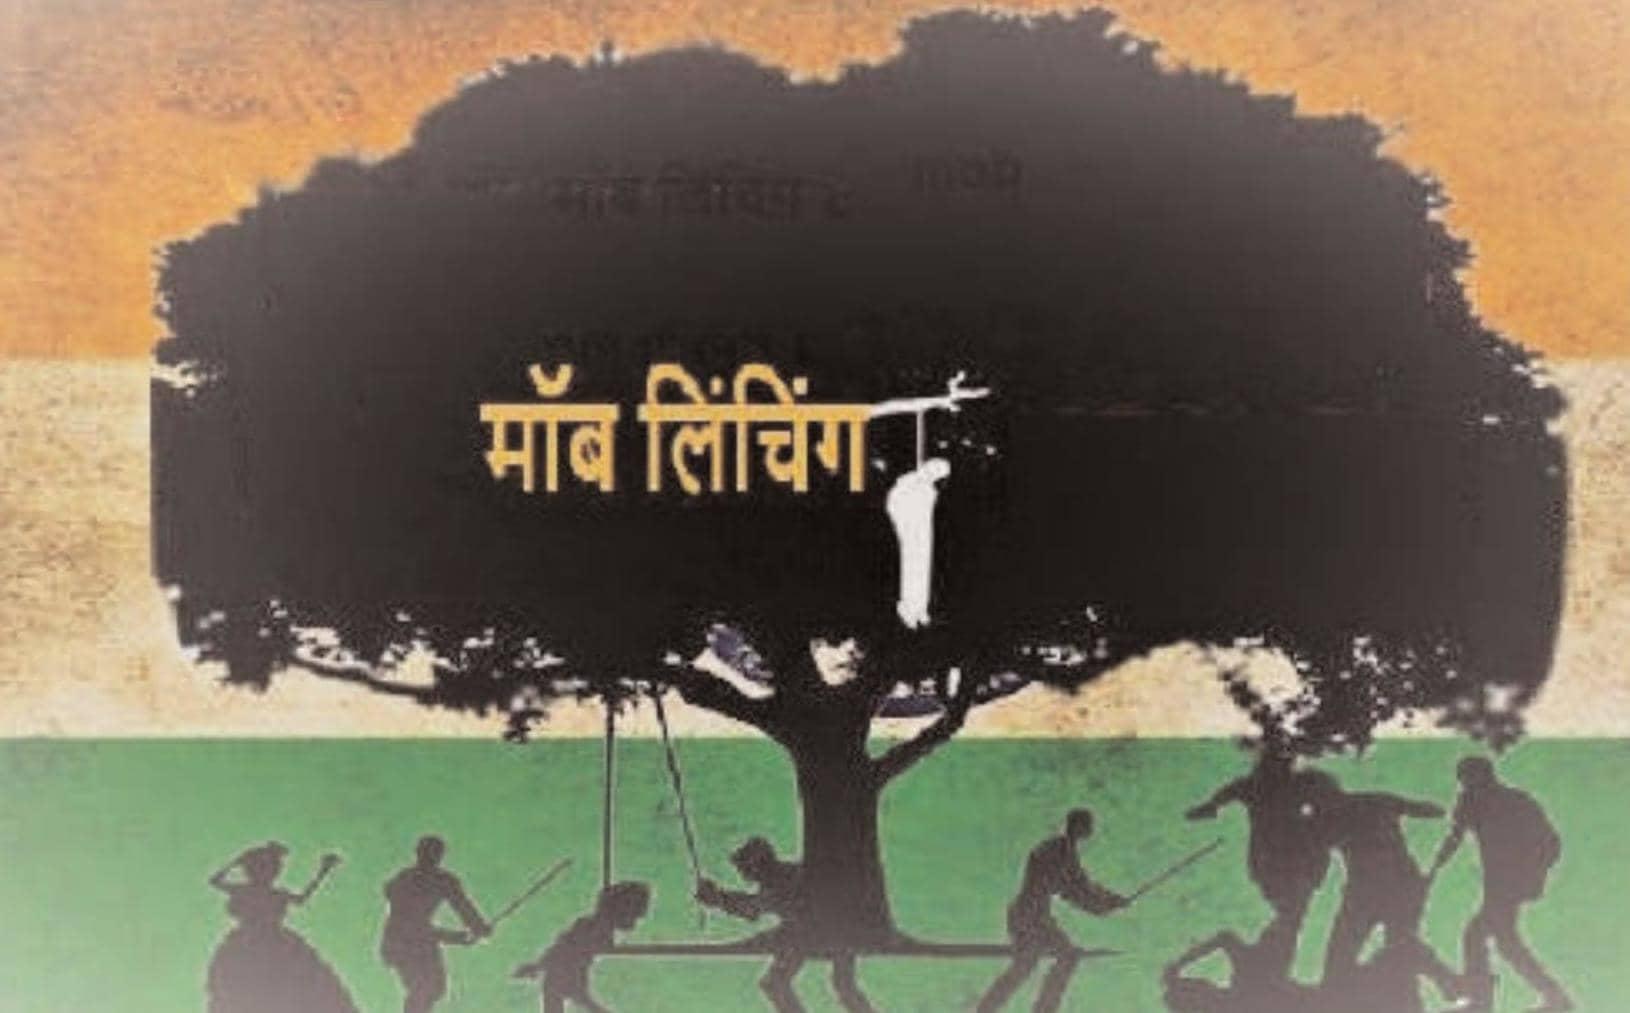 भारत का इतिहास भाईचारे का अमेरिकी के नाम से जन्मा है मॉब लिचिंग